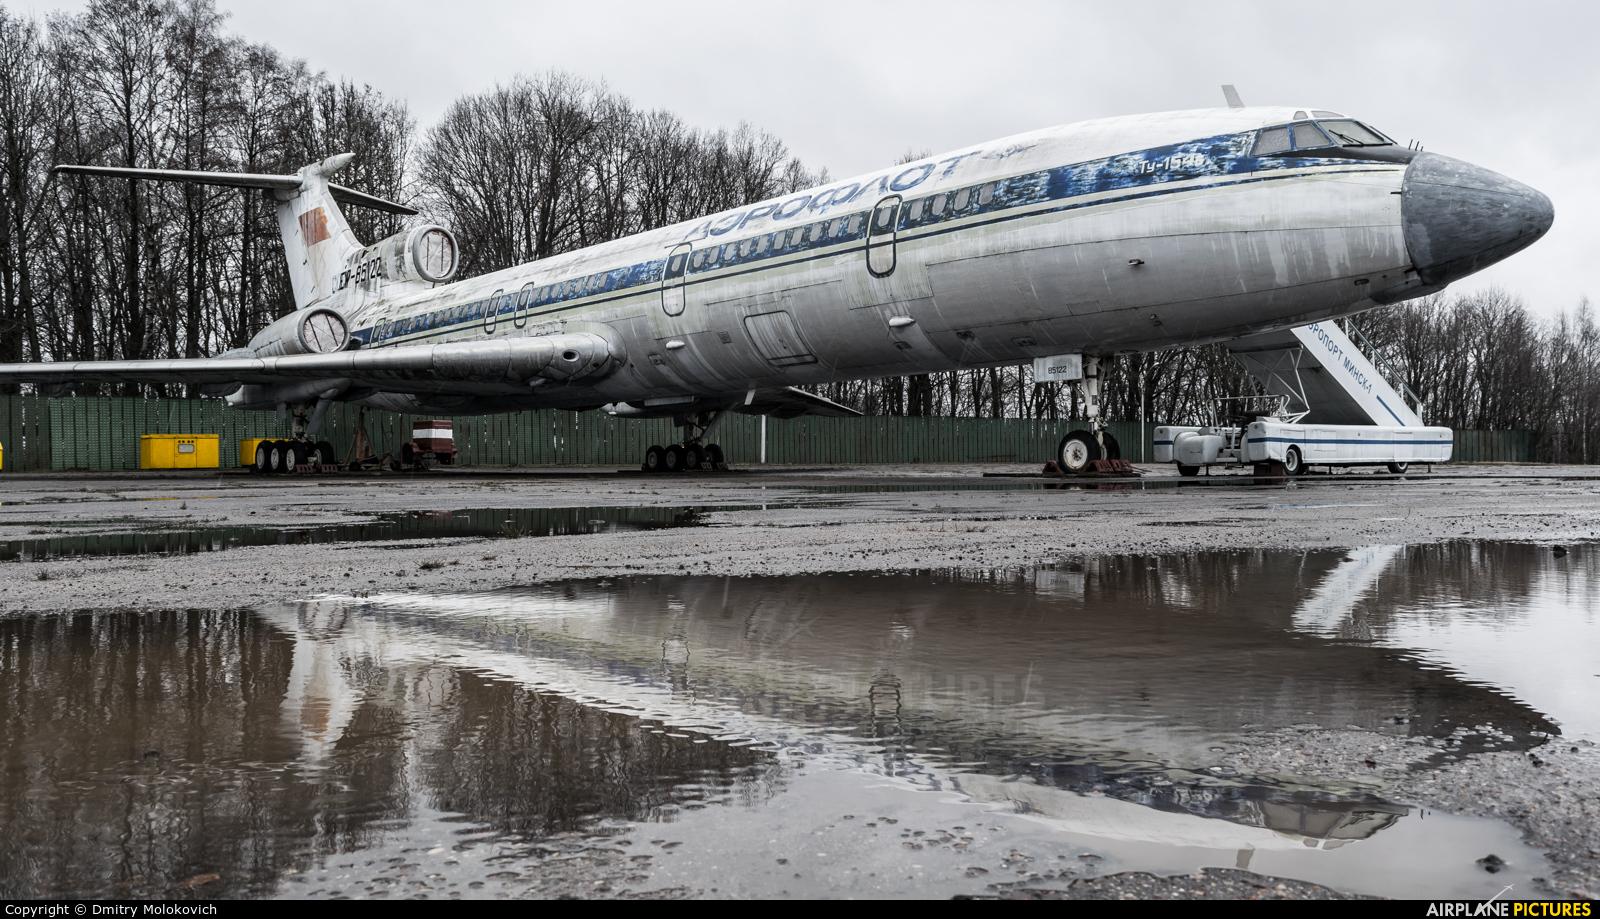 Aeroflot CCCP-85122 aircraft at Minsk - Belarusian State Academy of Aviation